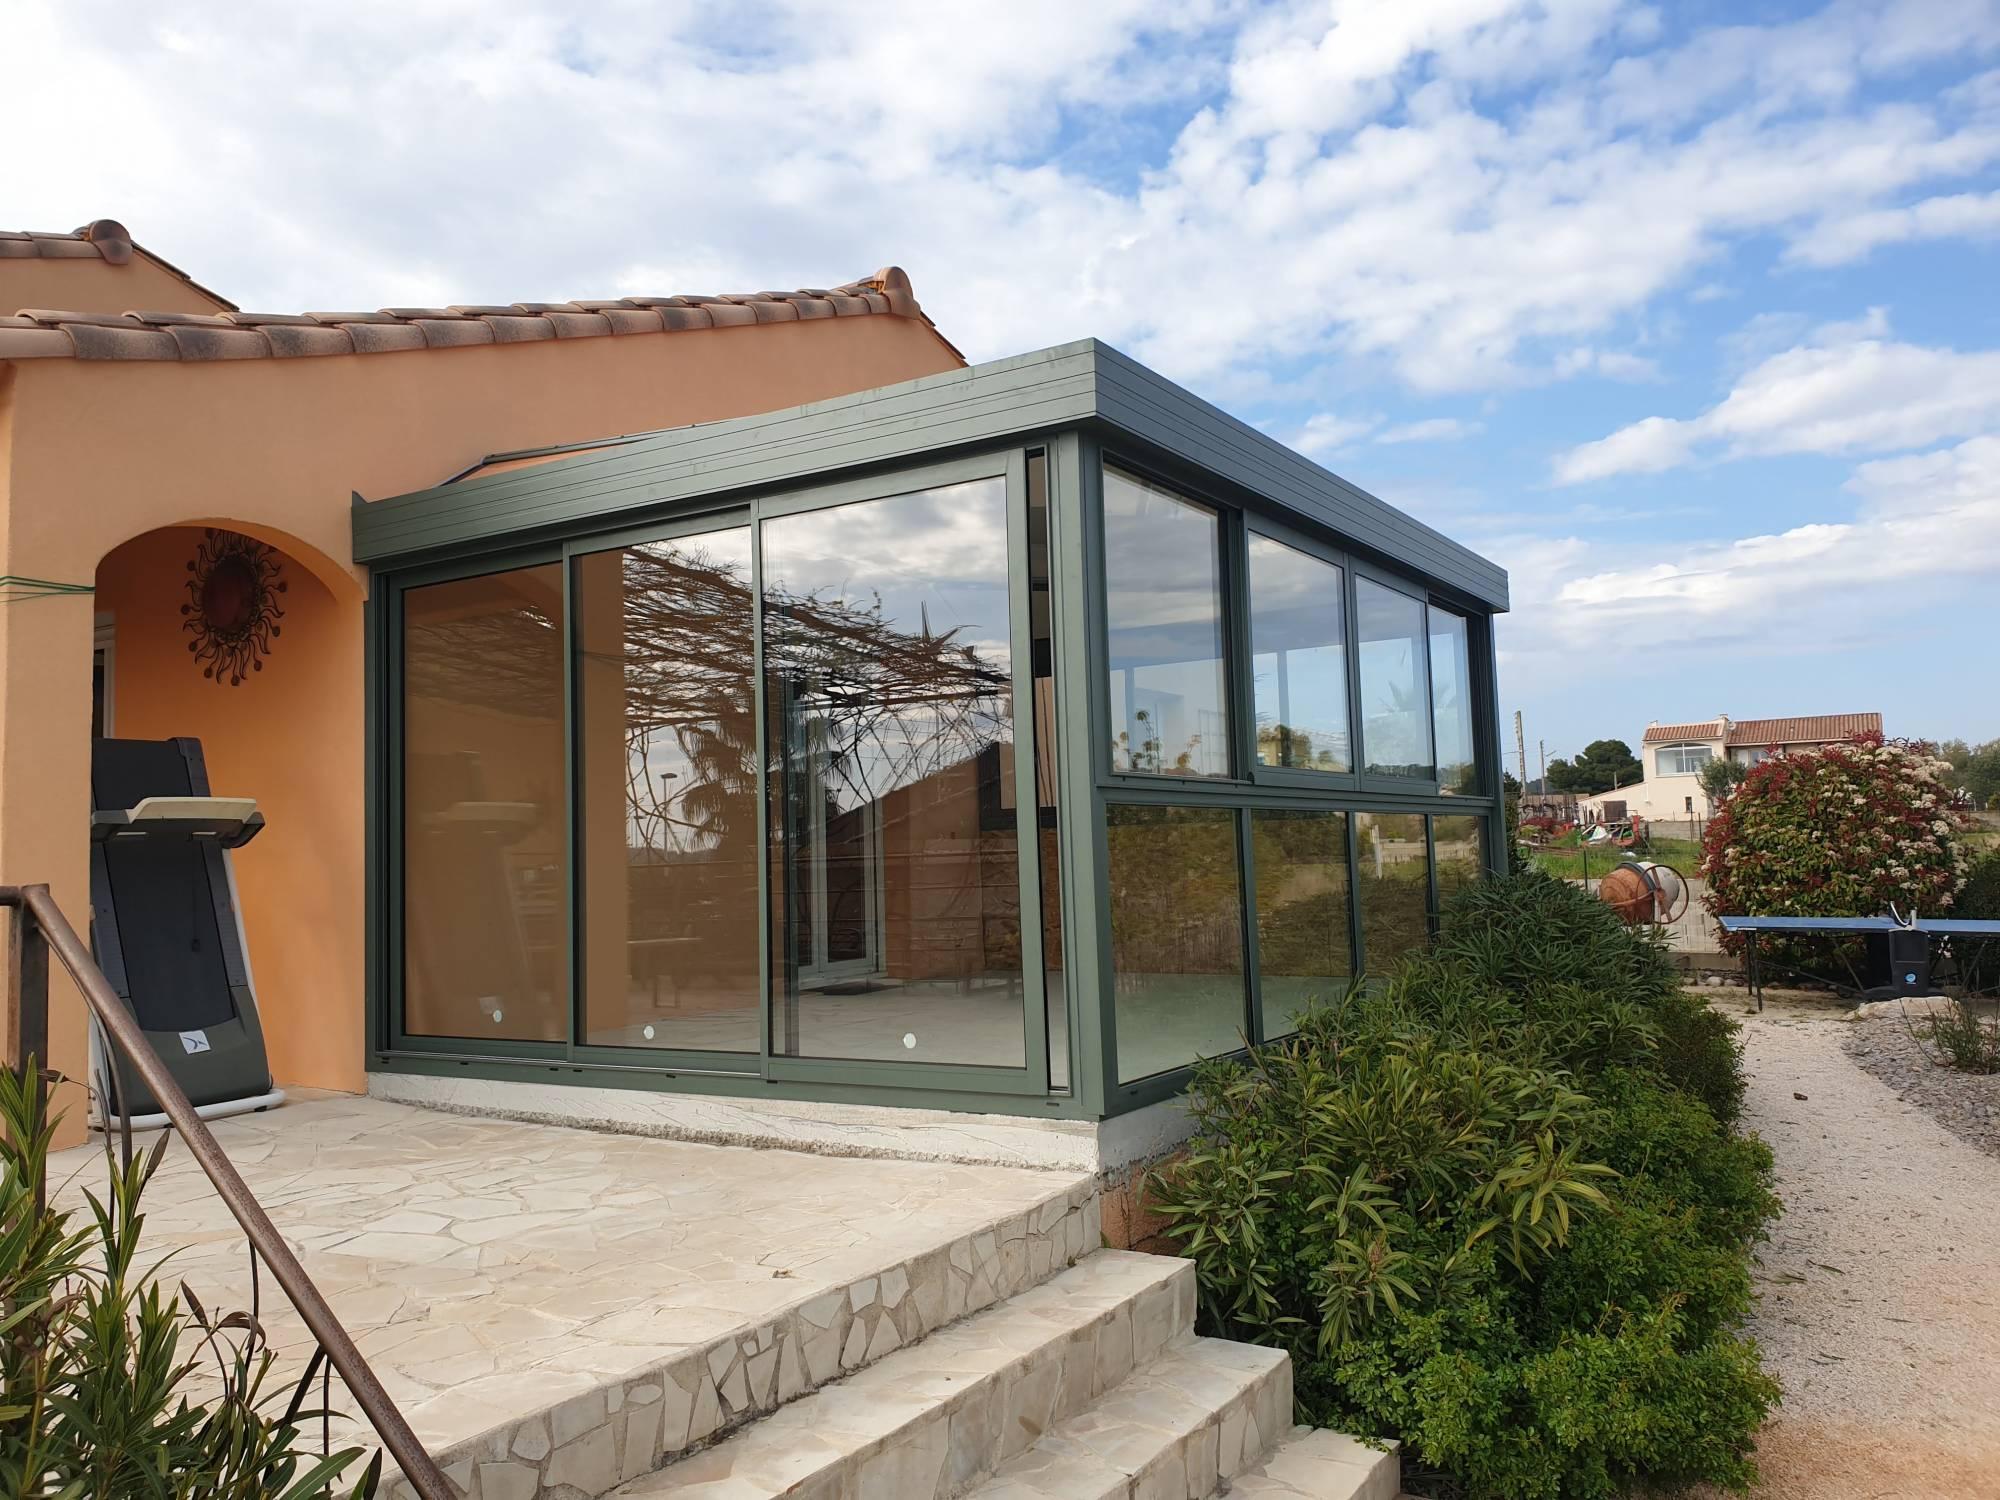 fabrication et pose d'une véranda sur mesure sur terrasse dans une villa à Montpellier à côté ...